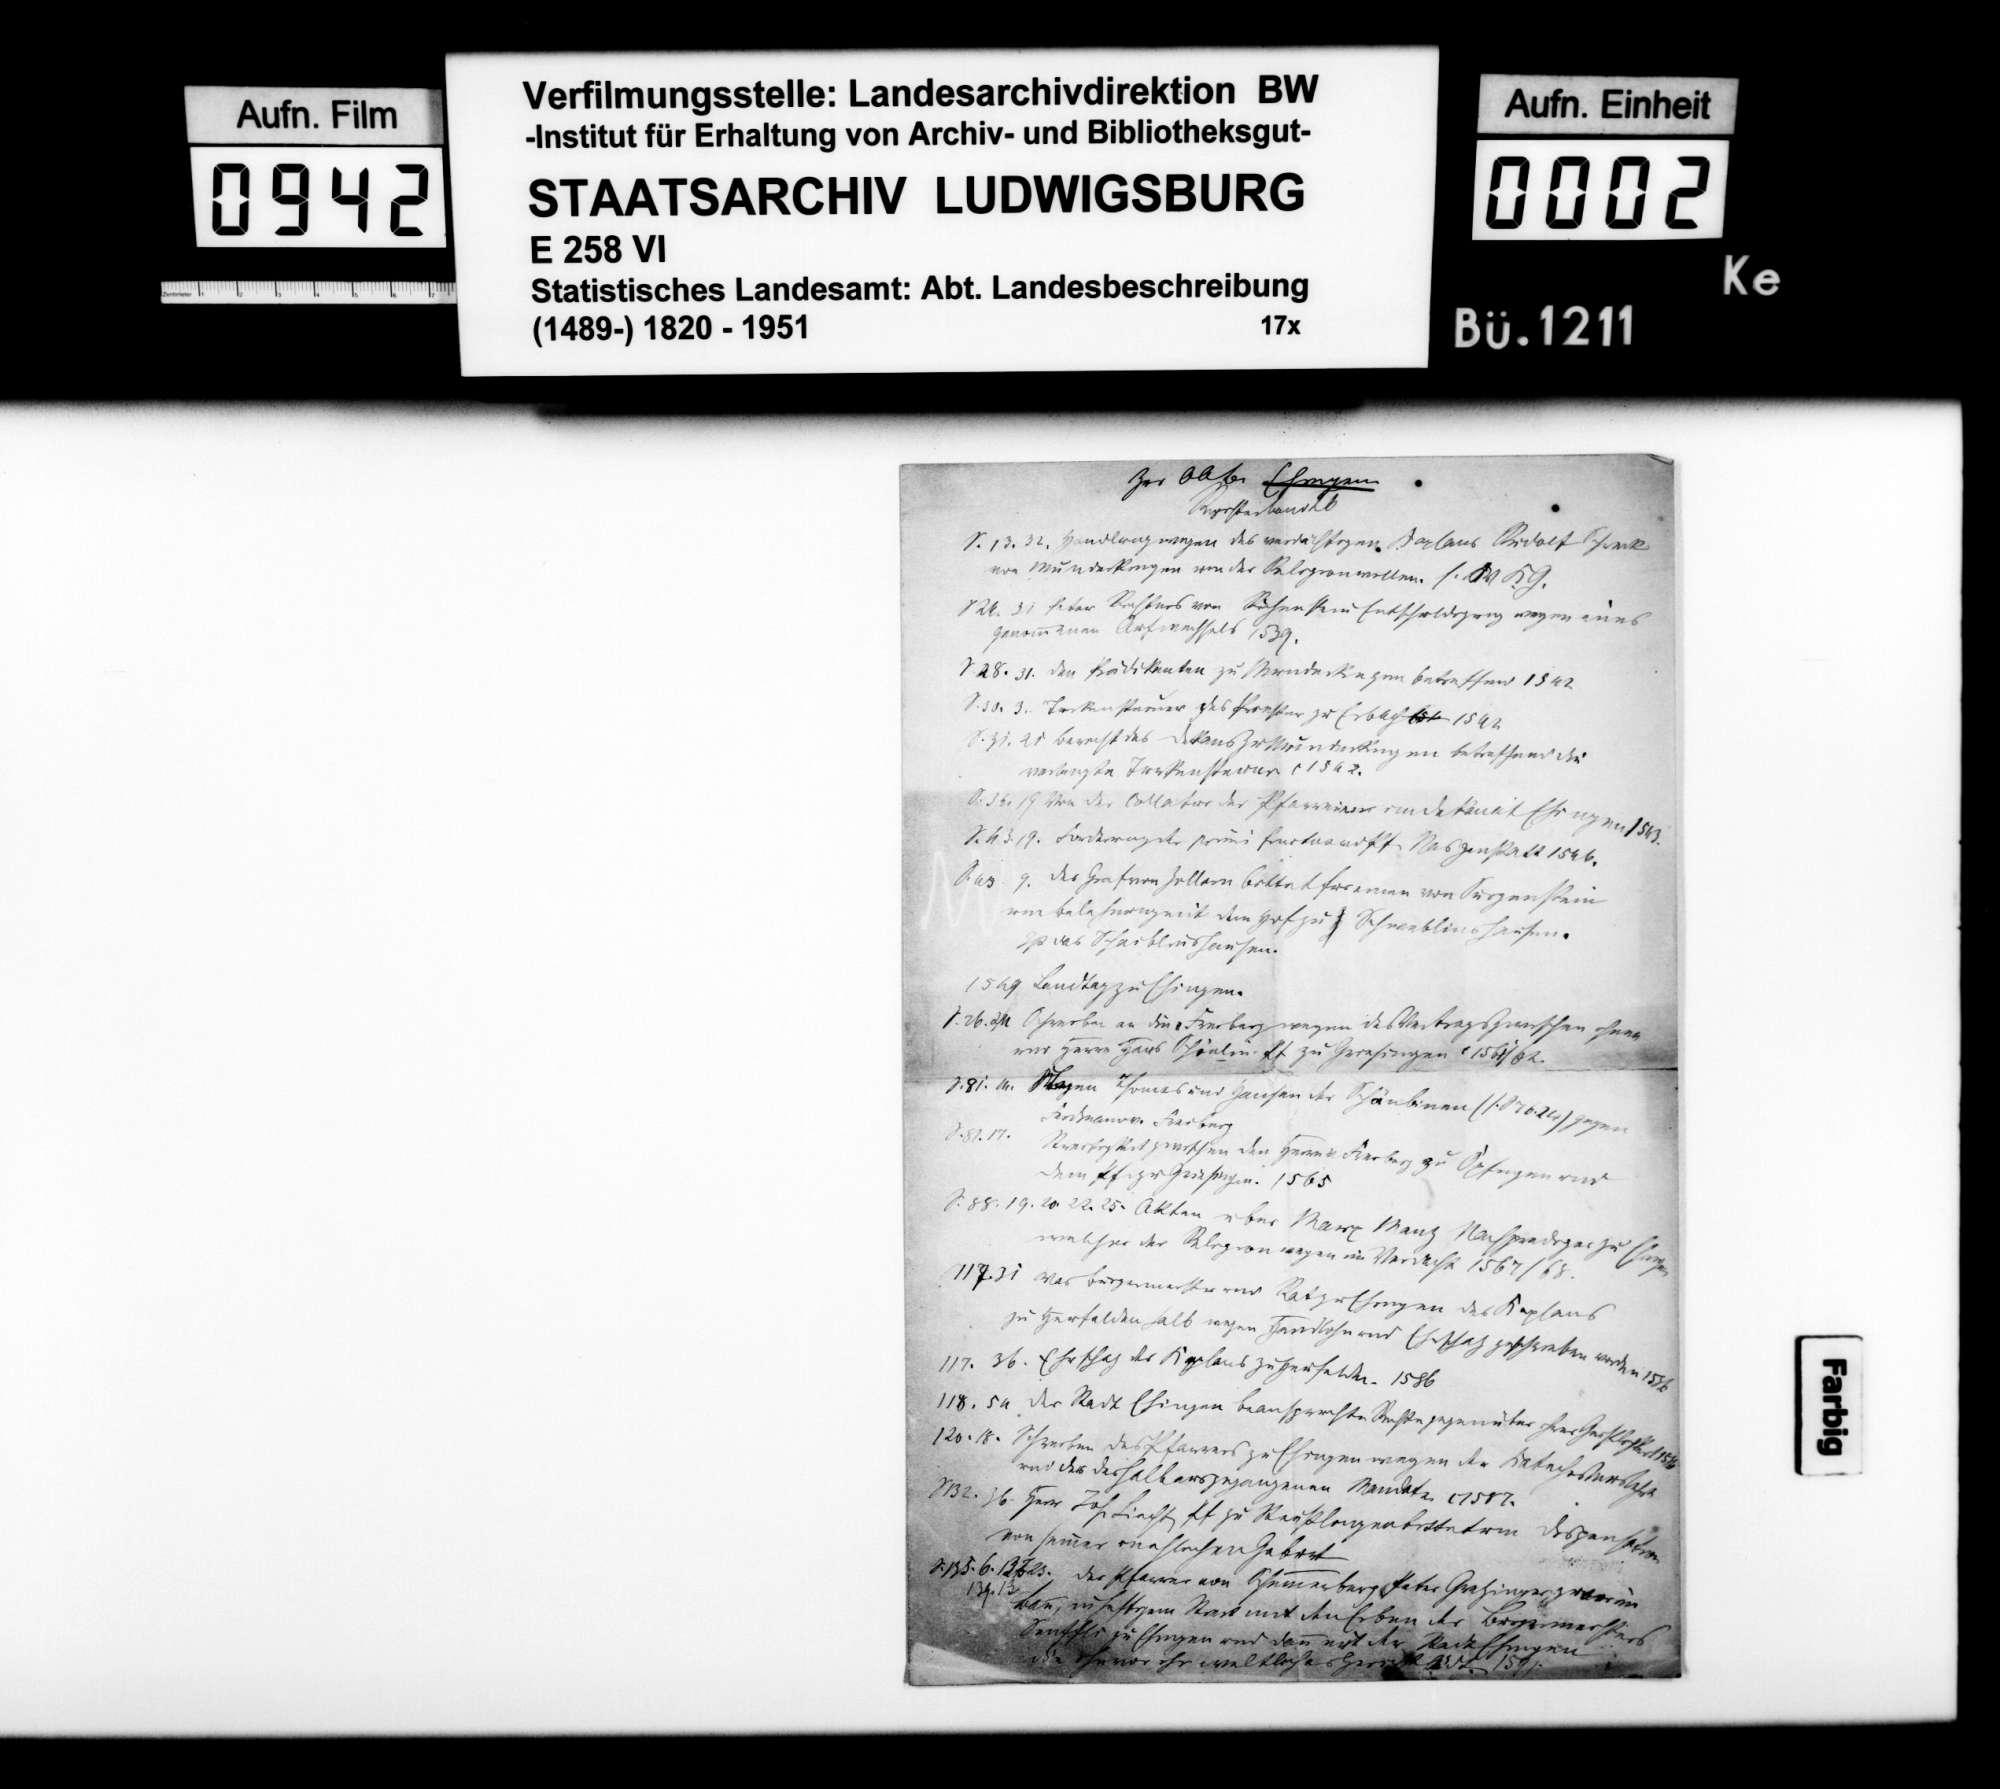 Materialsammlung sowie Berichtigung und Nachtrag zur OAB 1893, Bild 1